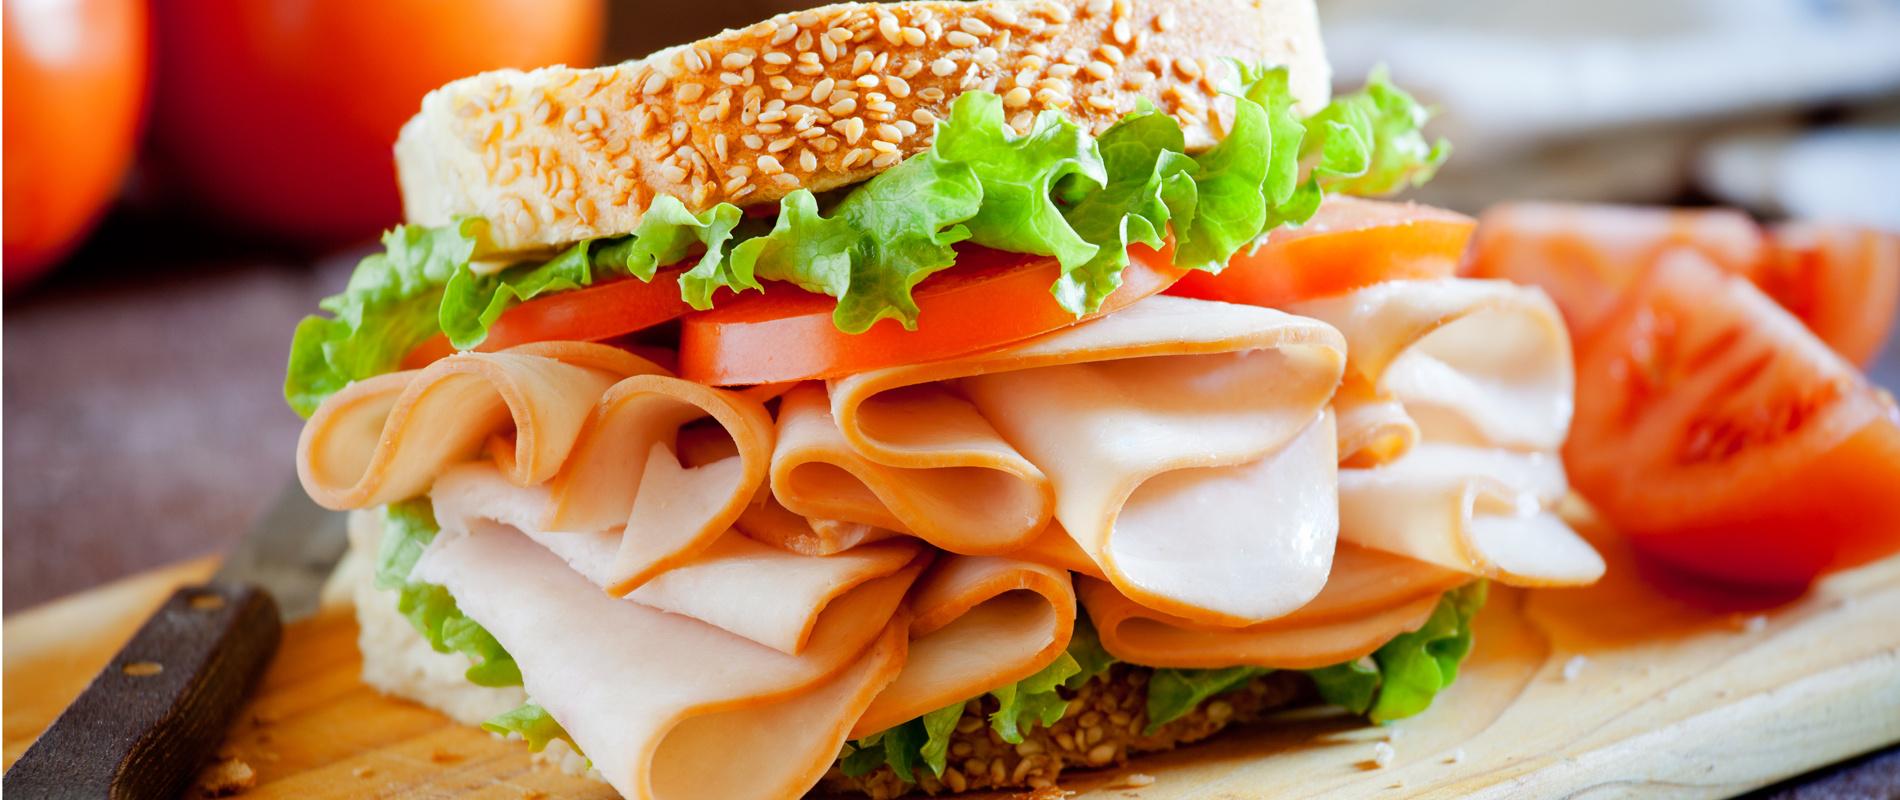 szendvics cov